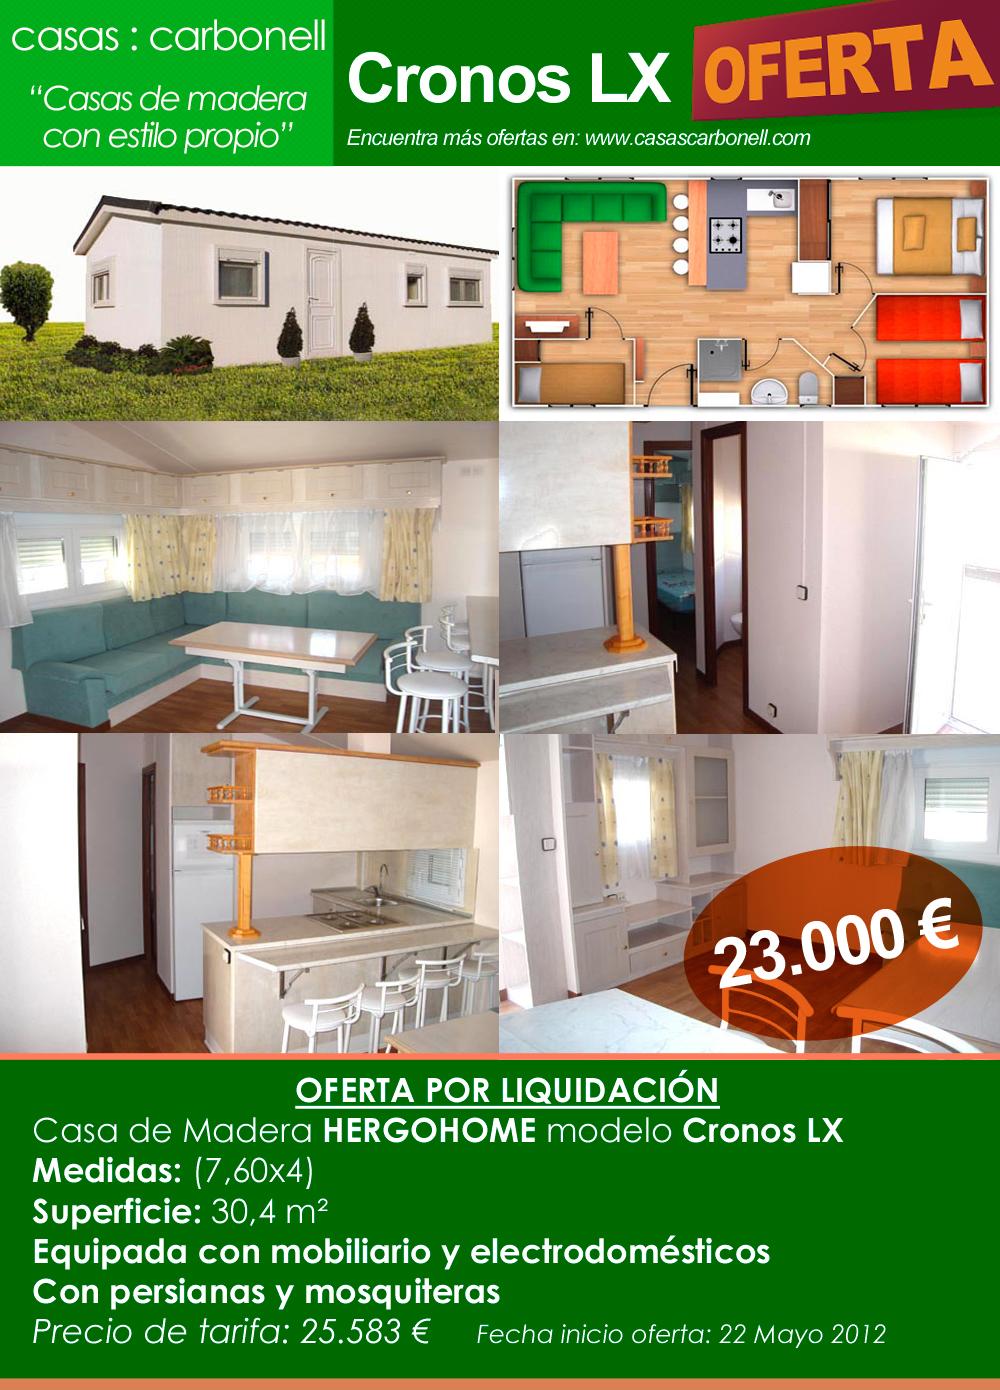 Ofertas en casas prefabricadas en Casas Carbonell